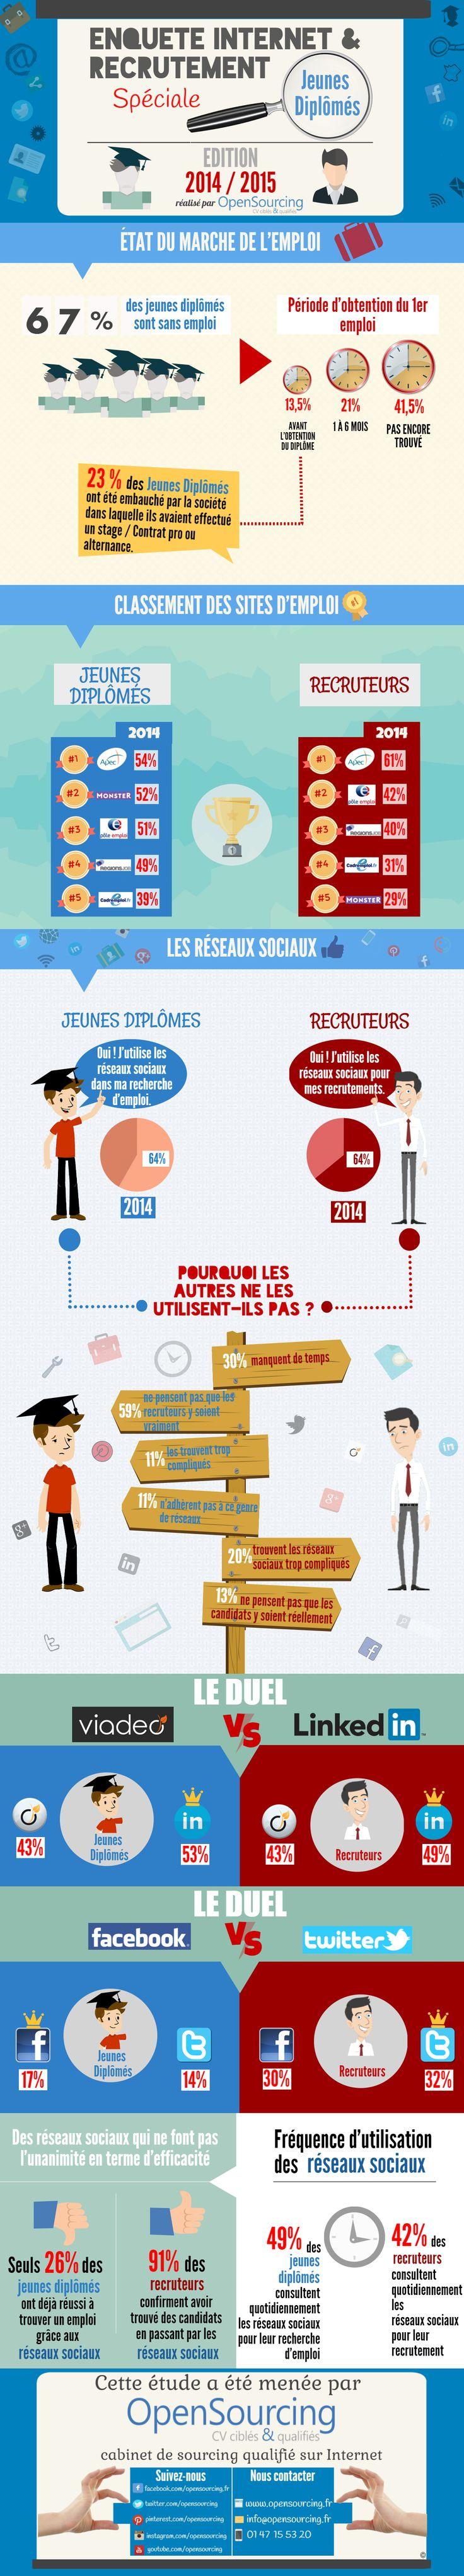 Enquête Internet & Recrutement spéciale Jeunes Diplômés